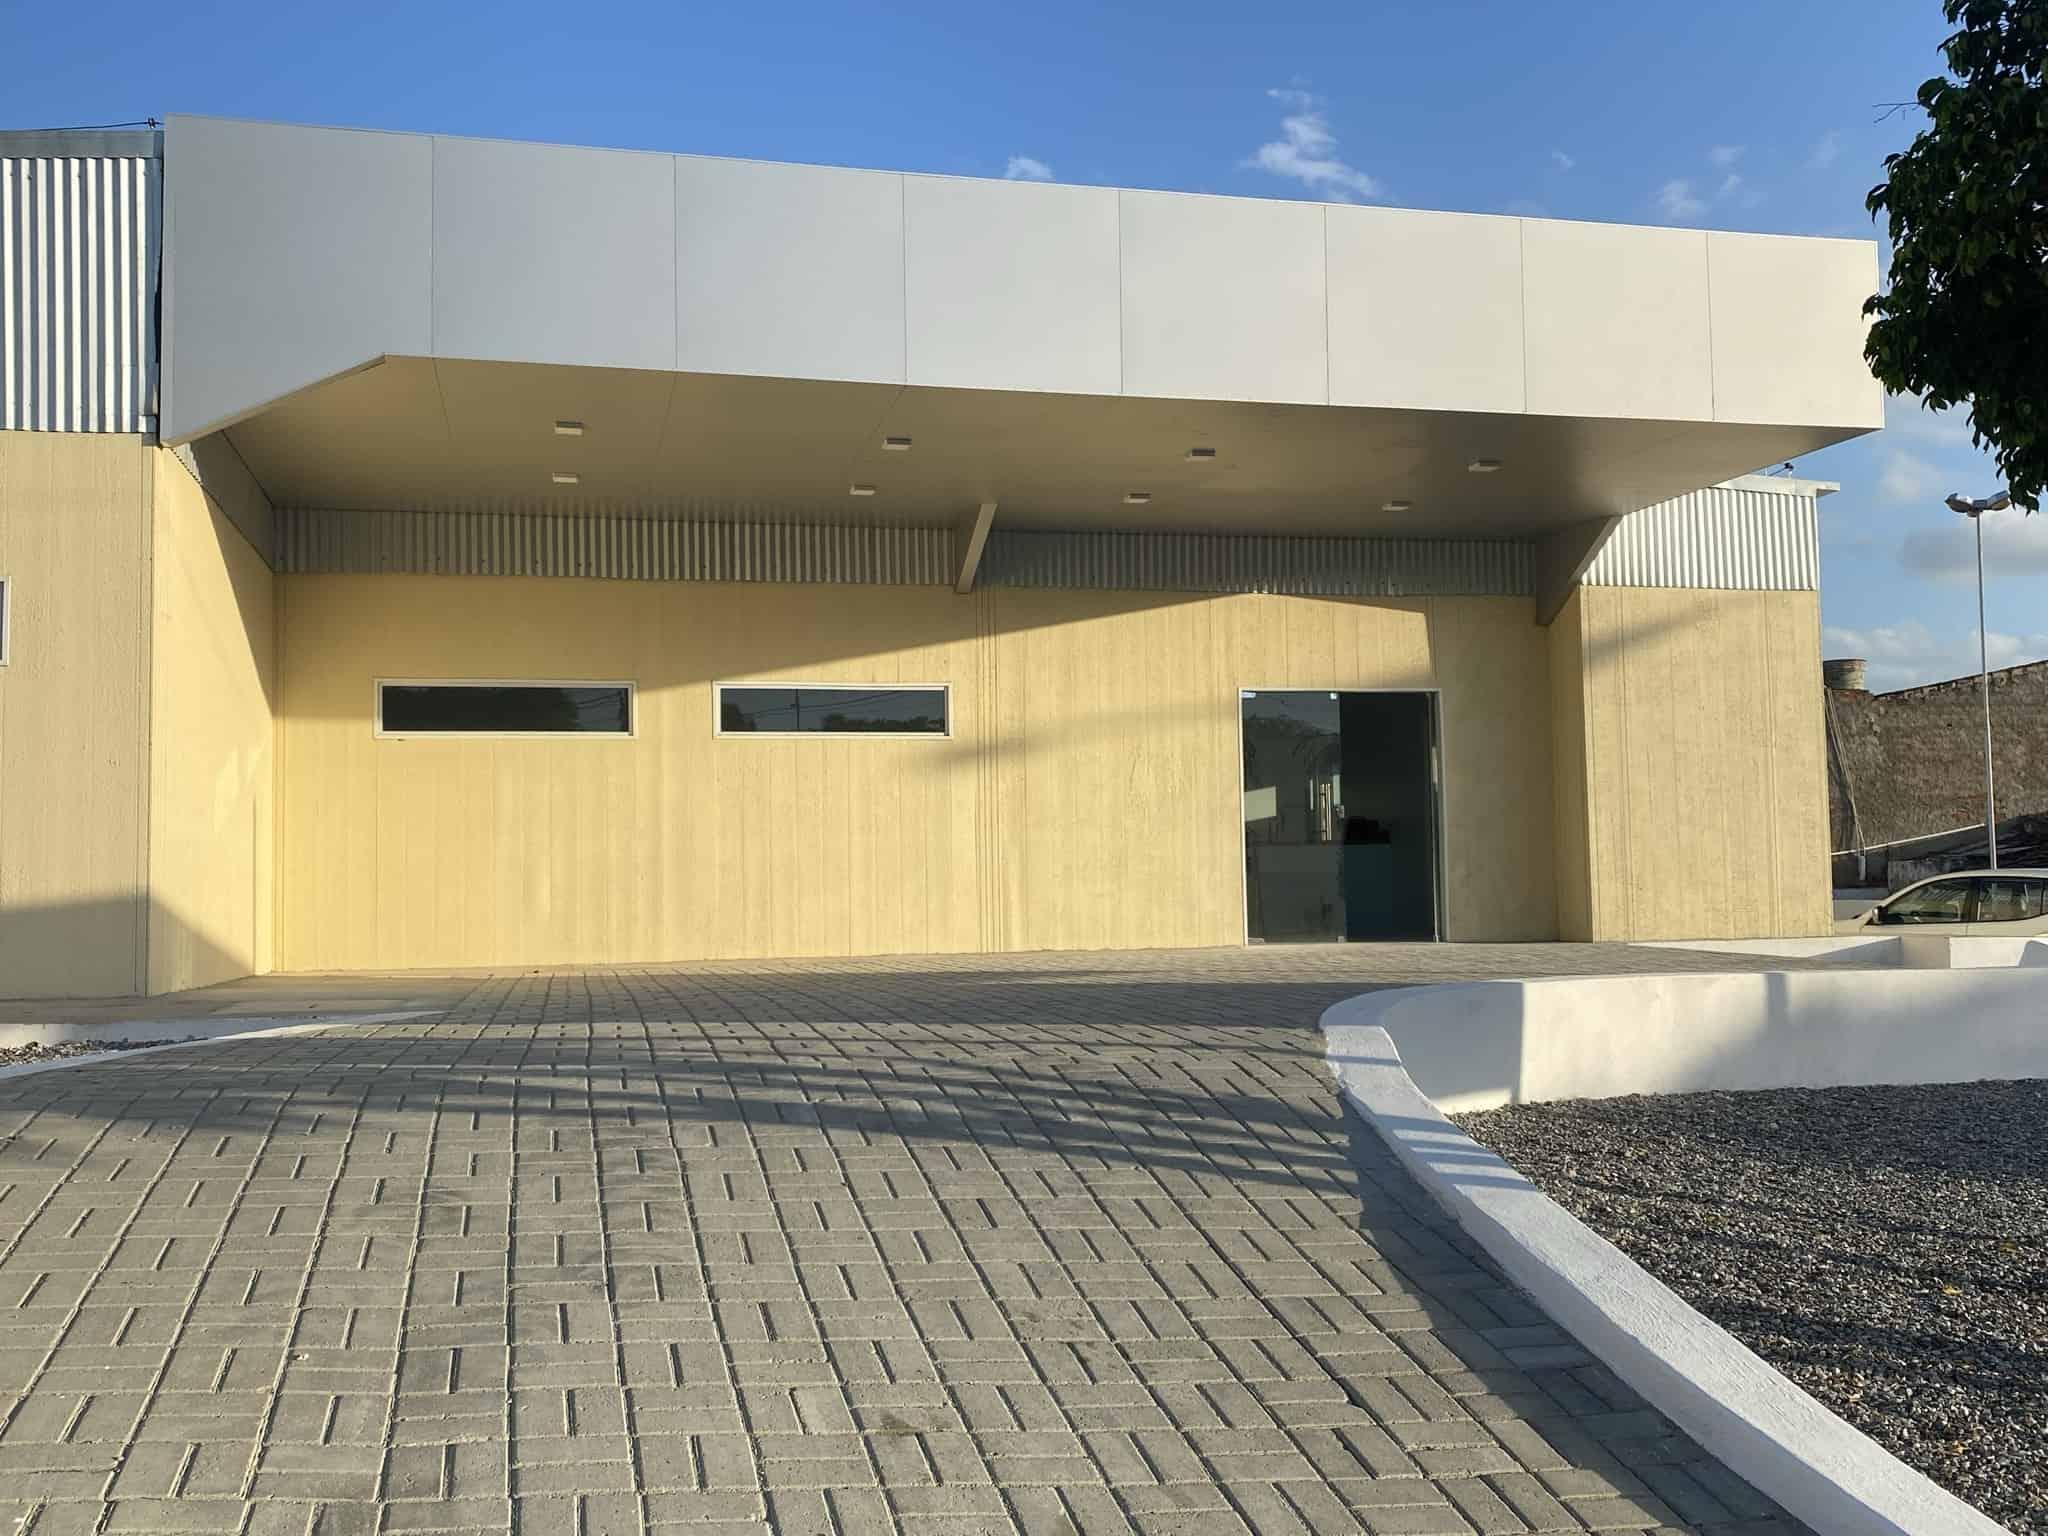 Braskem e EPLAST desenvolvem primeiro hospital do Brasil com sistema construtivo concreto PVC